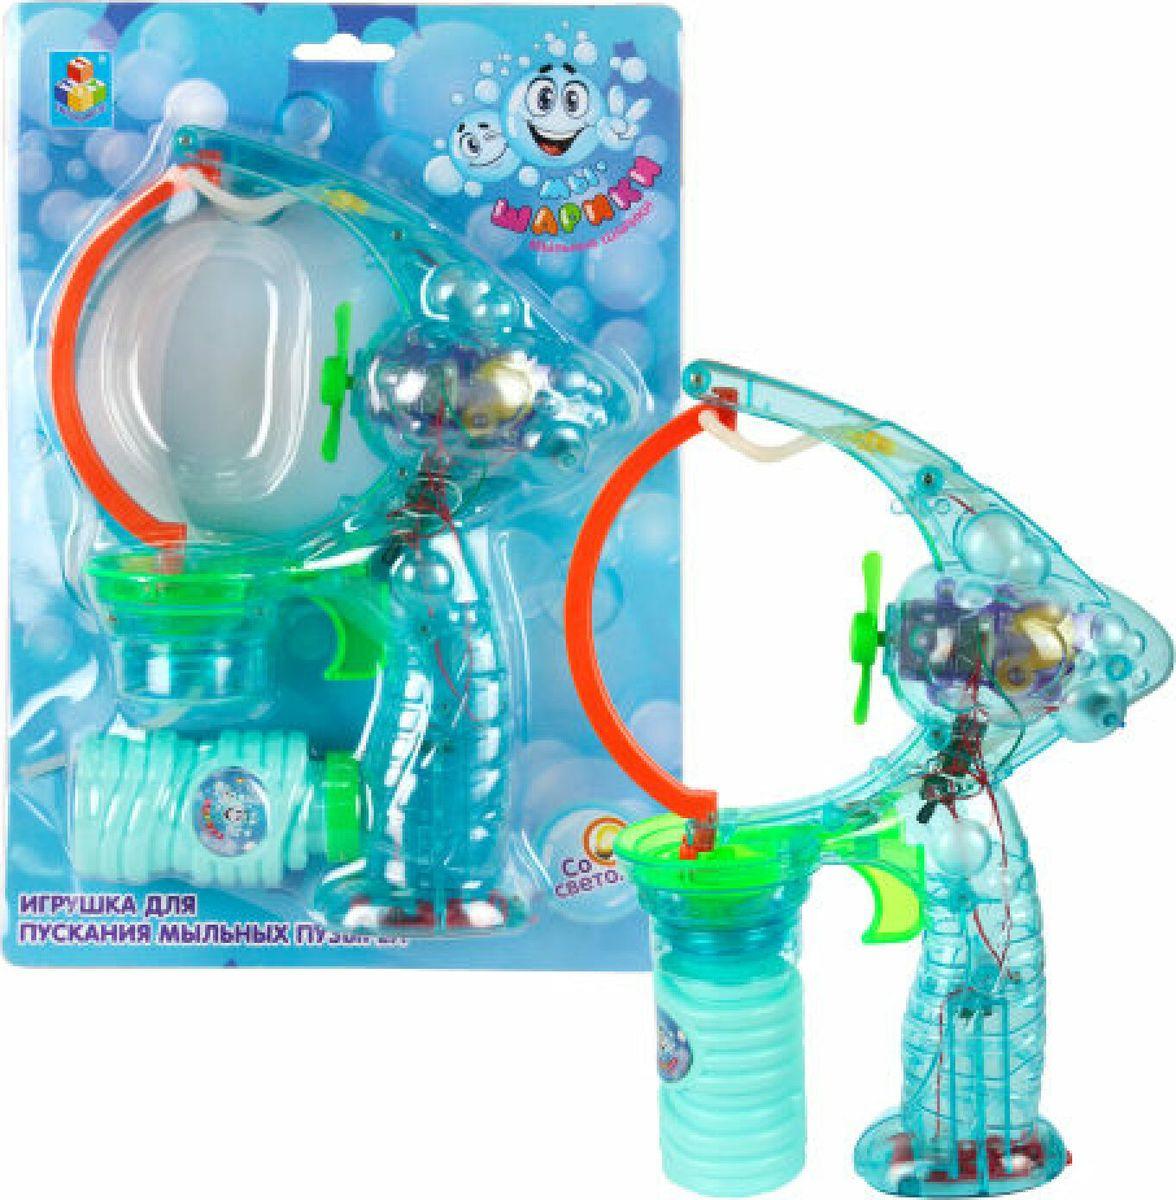 Машина для мыльных пузырей 1TOY Мы-шарики! Гигантский мылемет, Т59661, 70 мл мыльные пузыри bondibon пистолет разноцветный